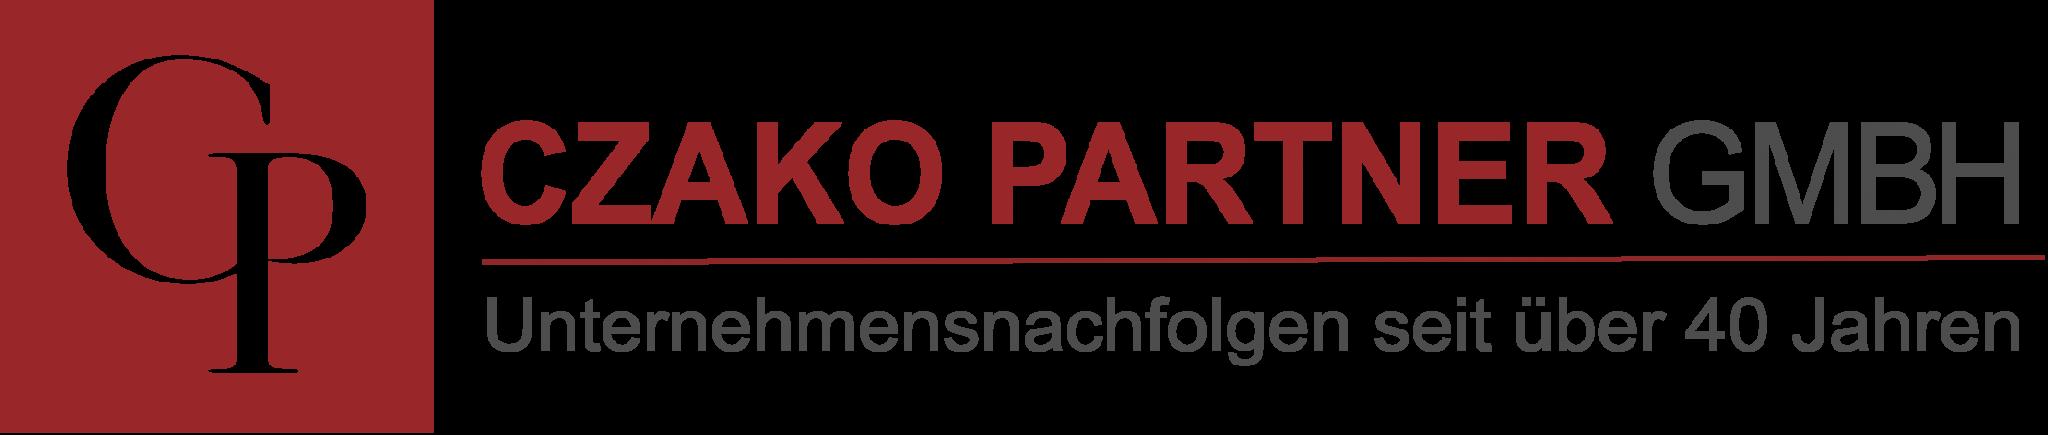 Czako Partner GmbH